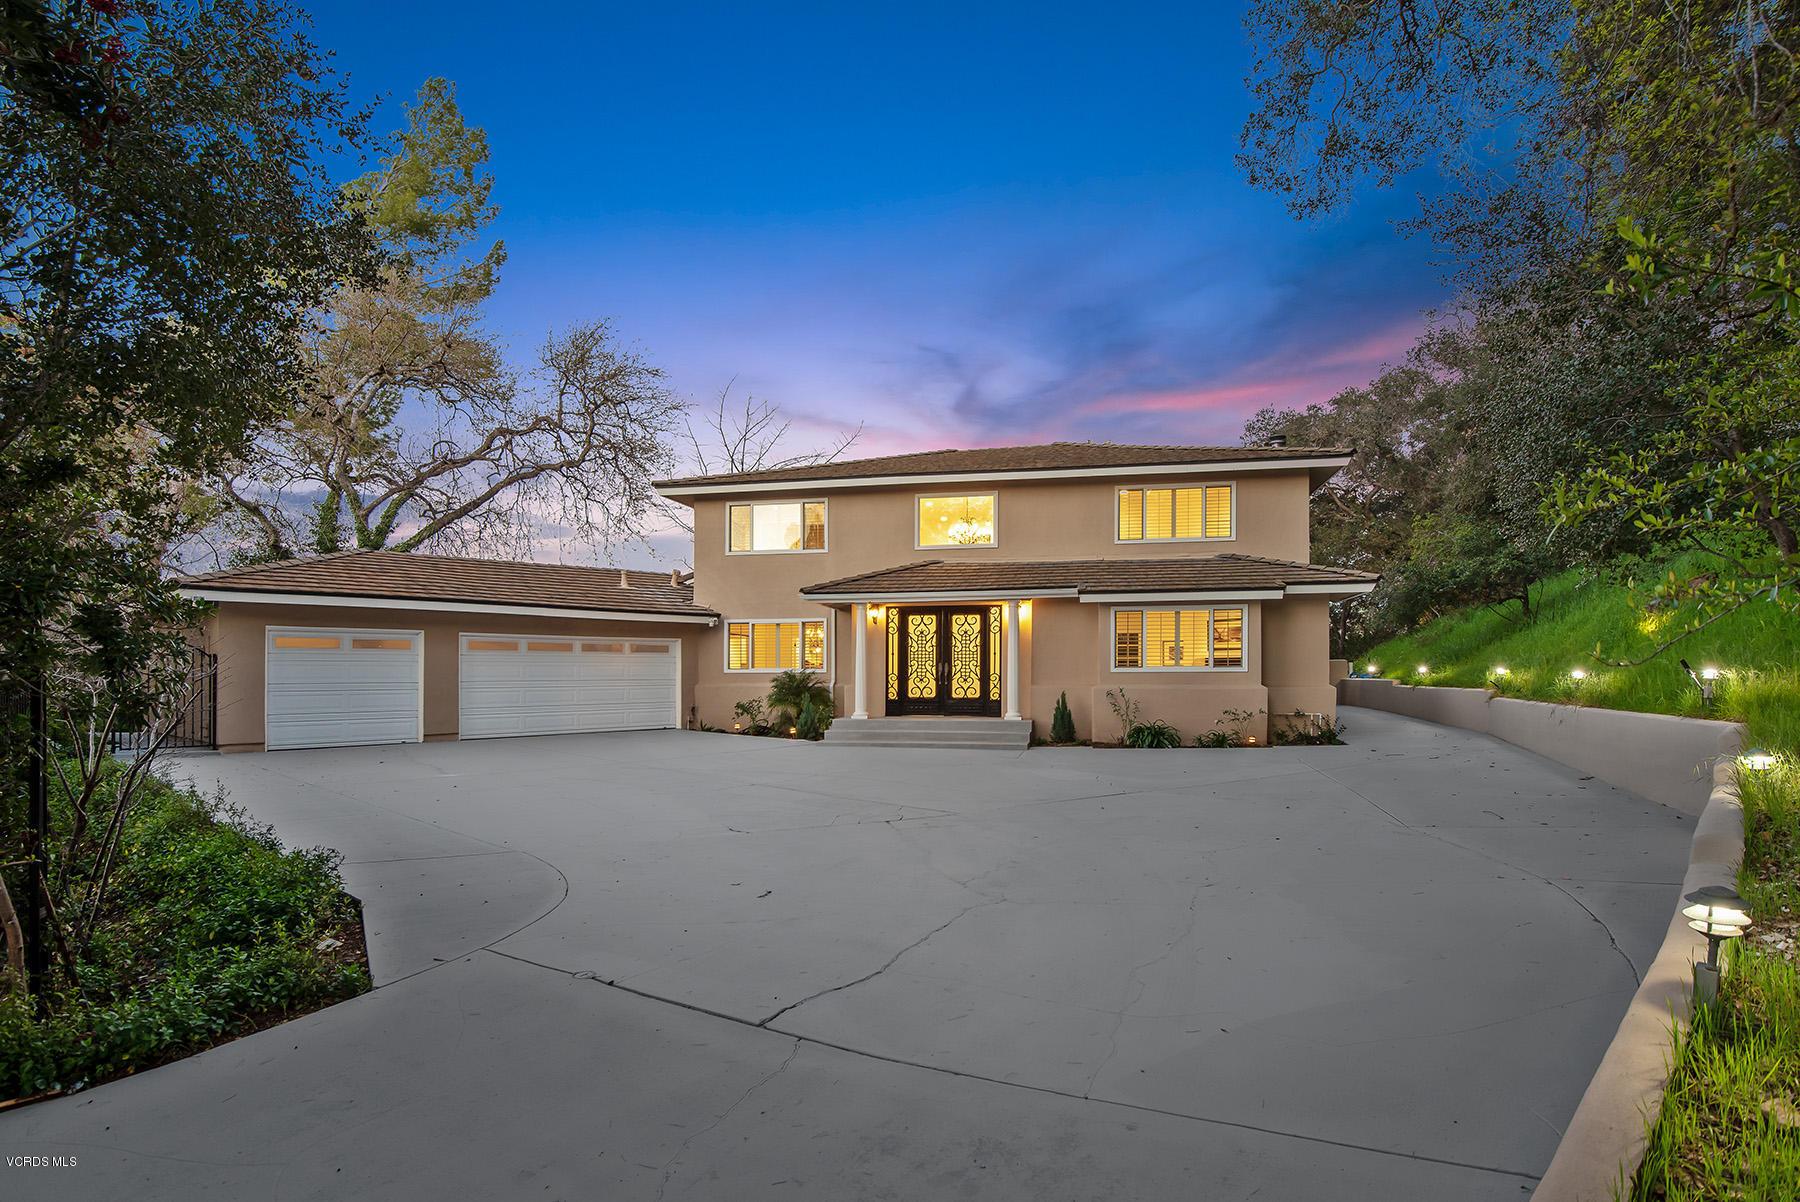 3658 Twin Lake Ridge, Westlake Village, Ca 91361 - Sold Listing